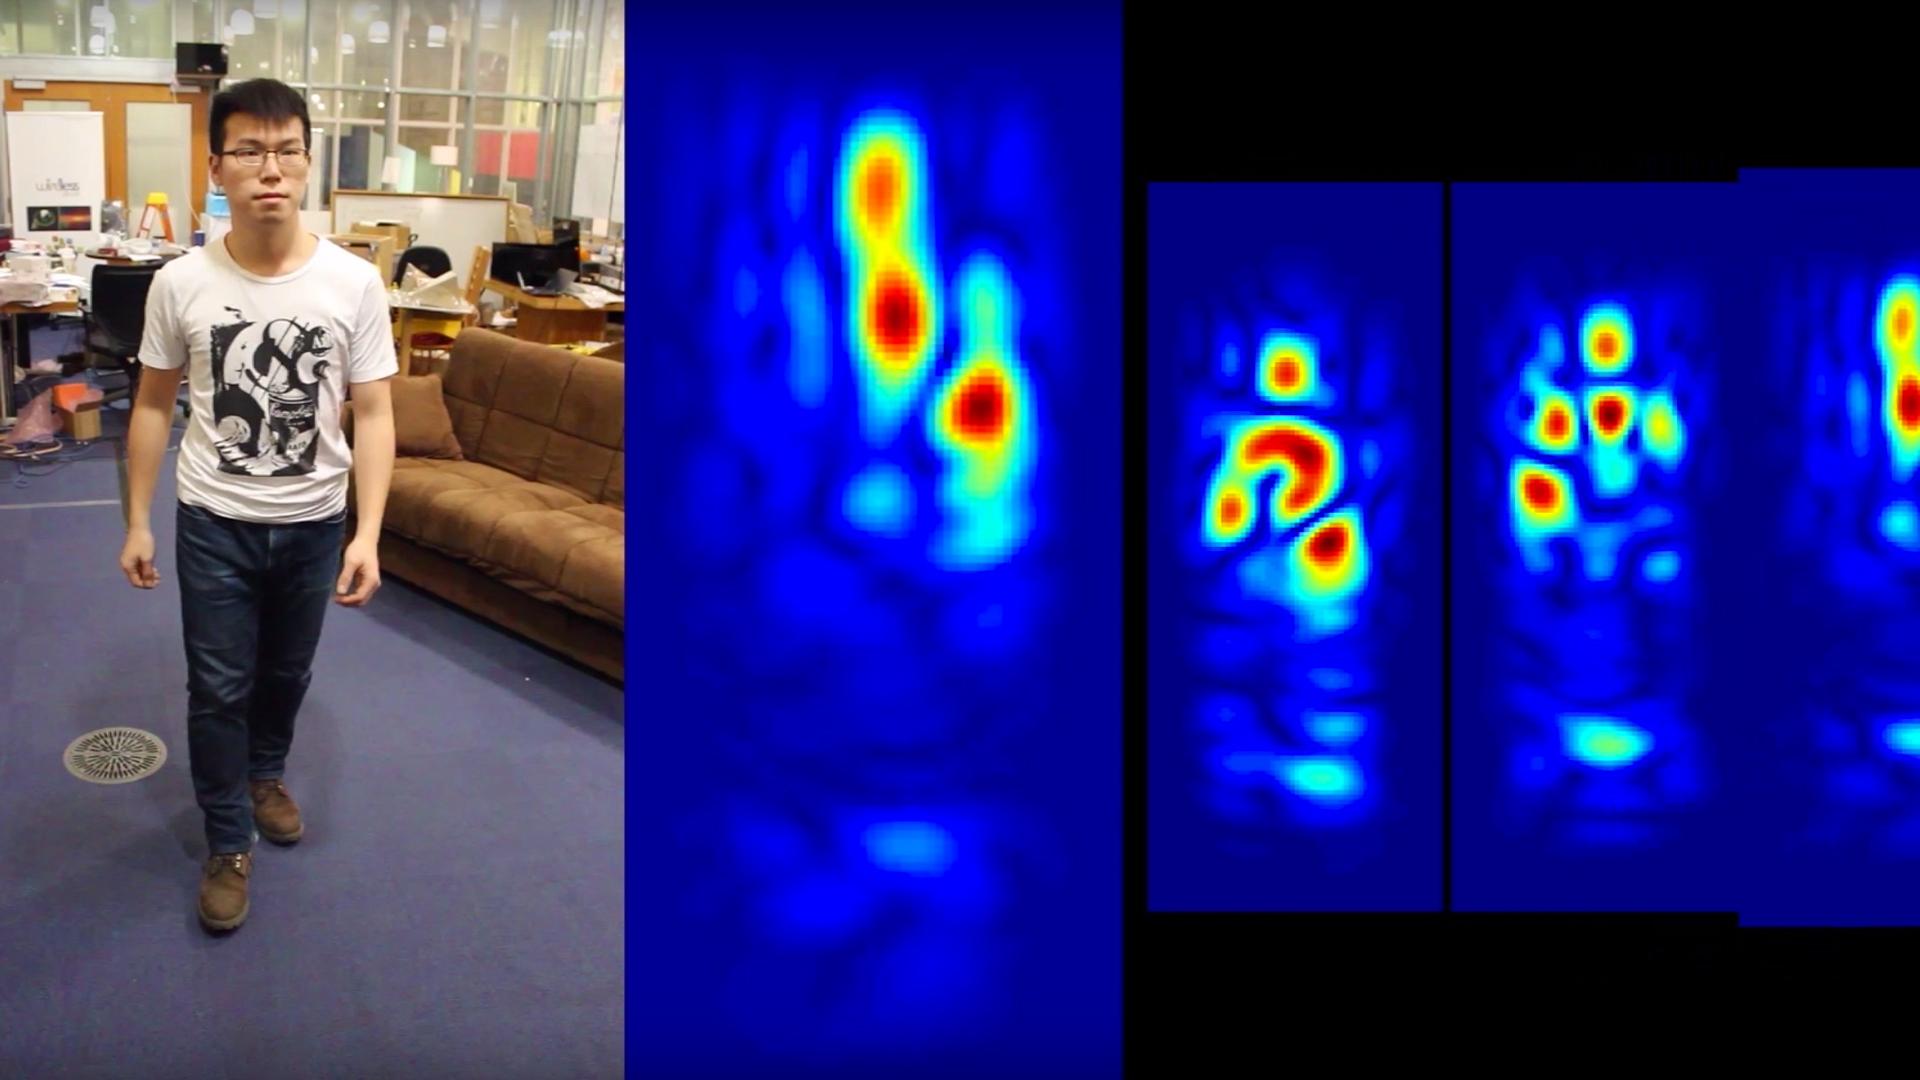 MIT RF Capture Wi-Fi